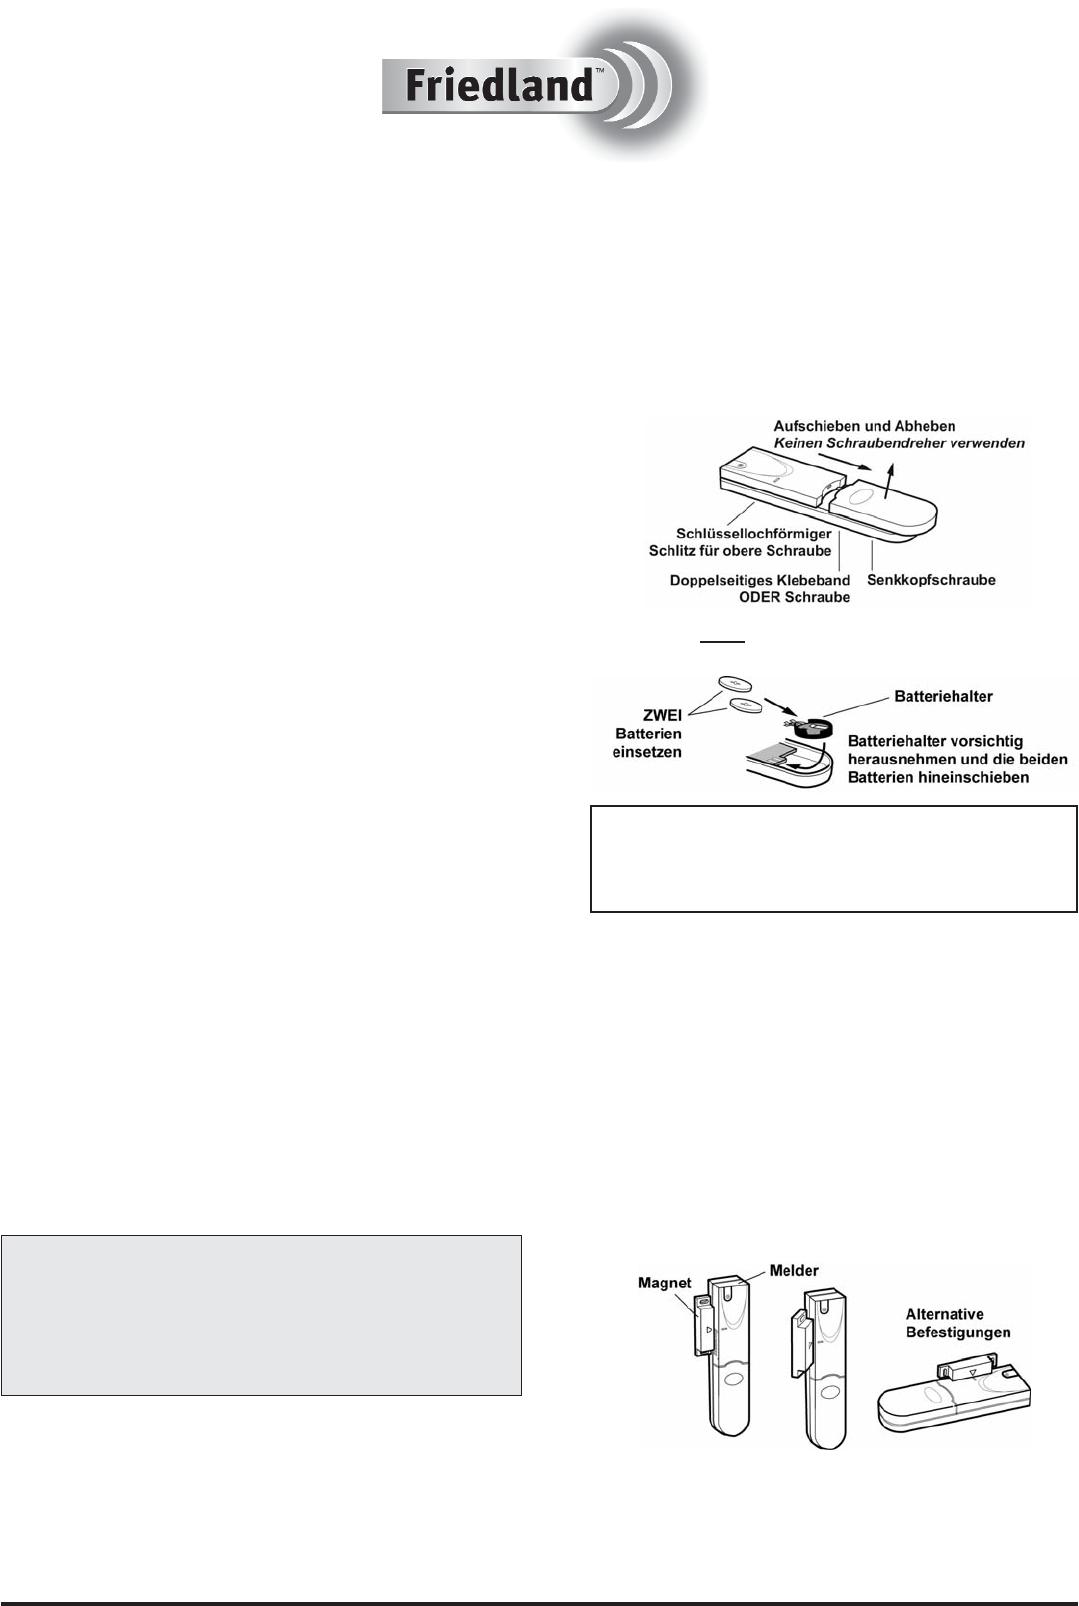 handleiding friedland hw4f (pagina 1 van 2) (deutsch)